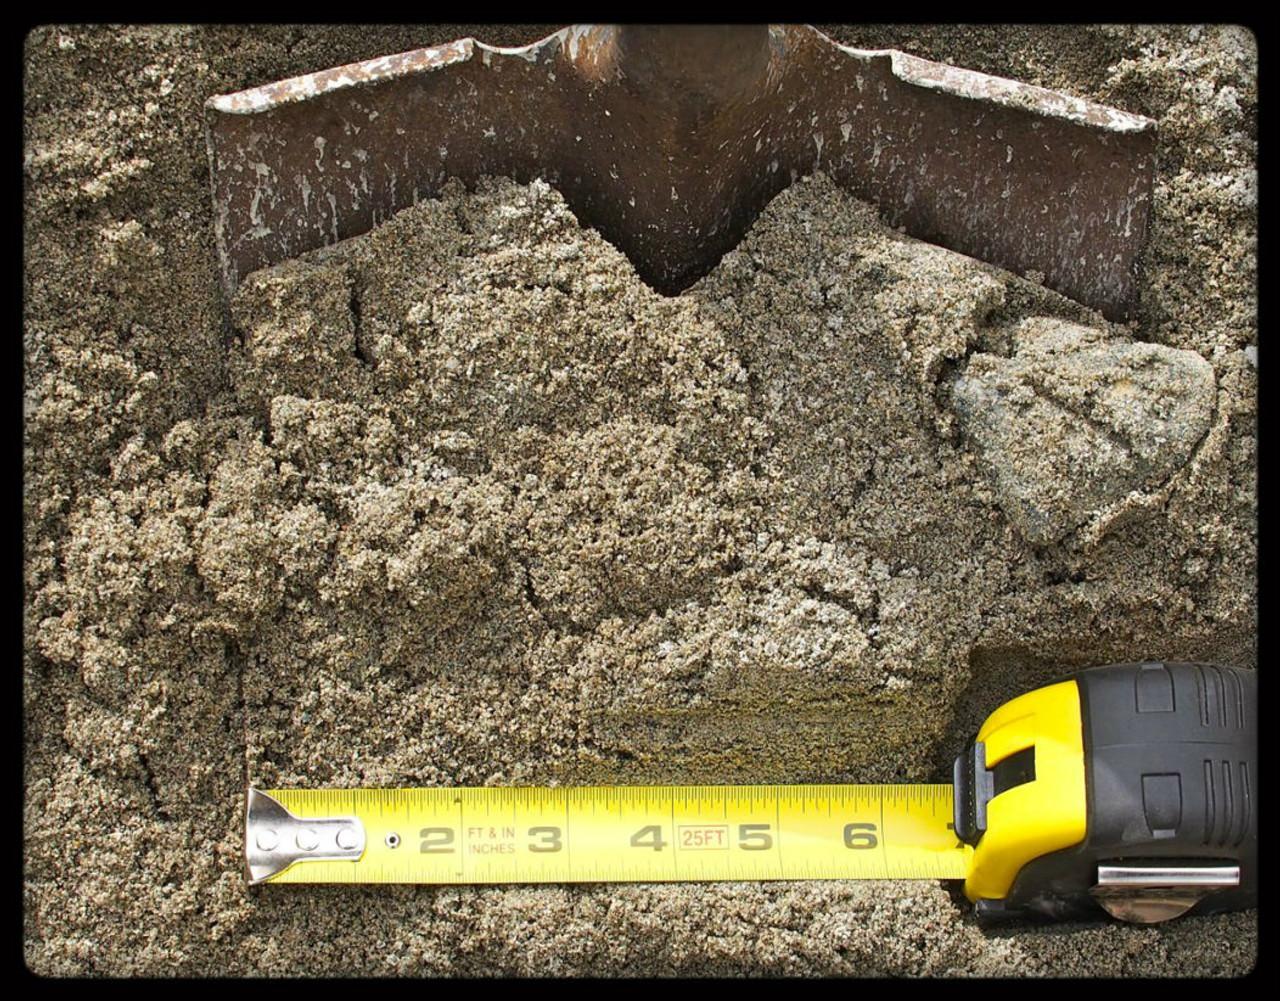 Washed Sand scale photo - MyGardenBag